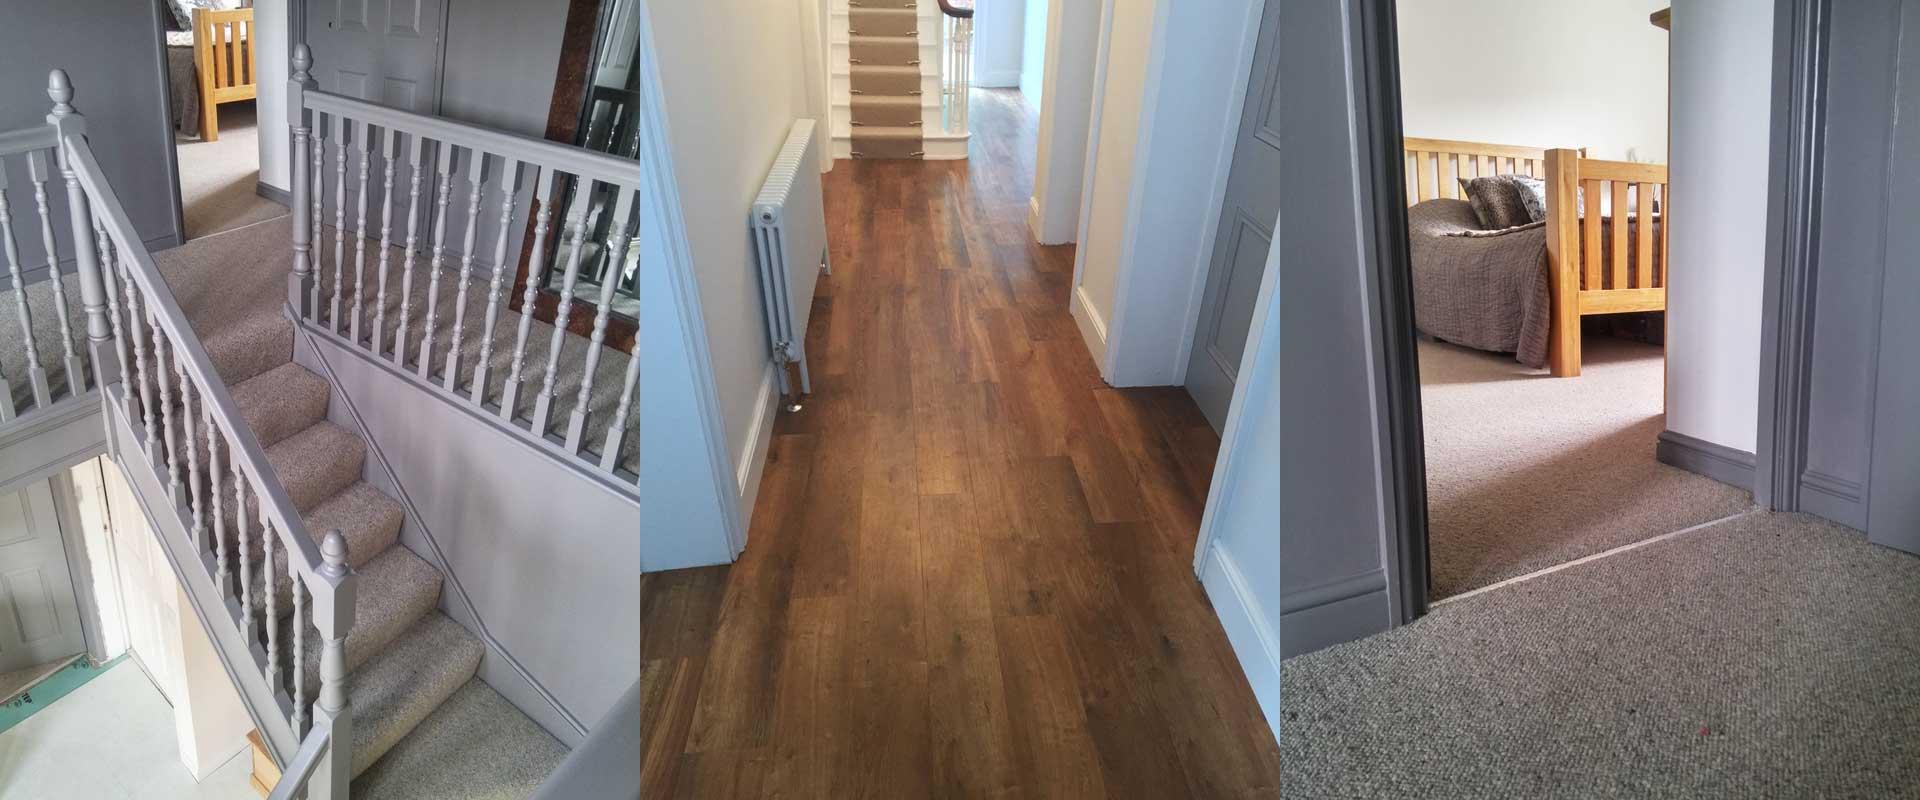 Carpet Installers Worcester